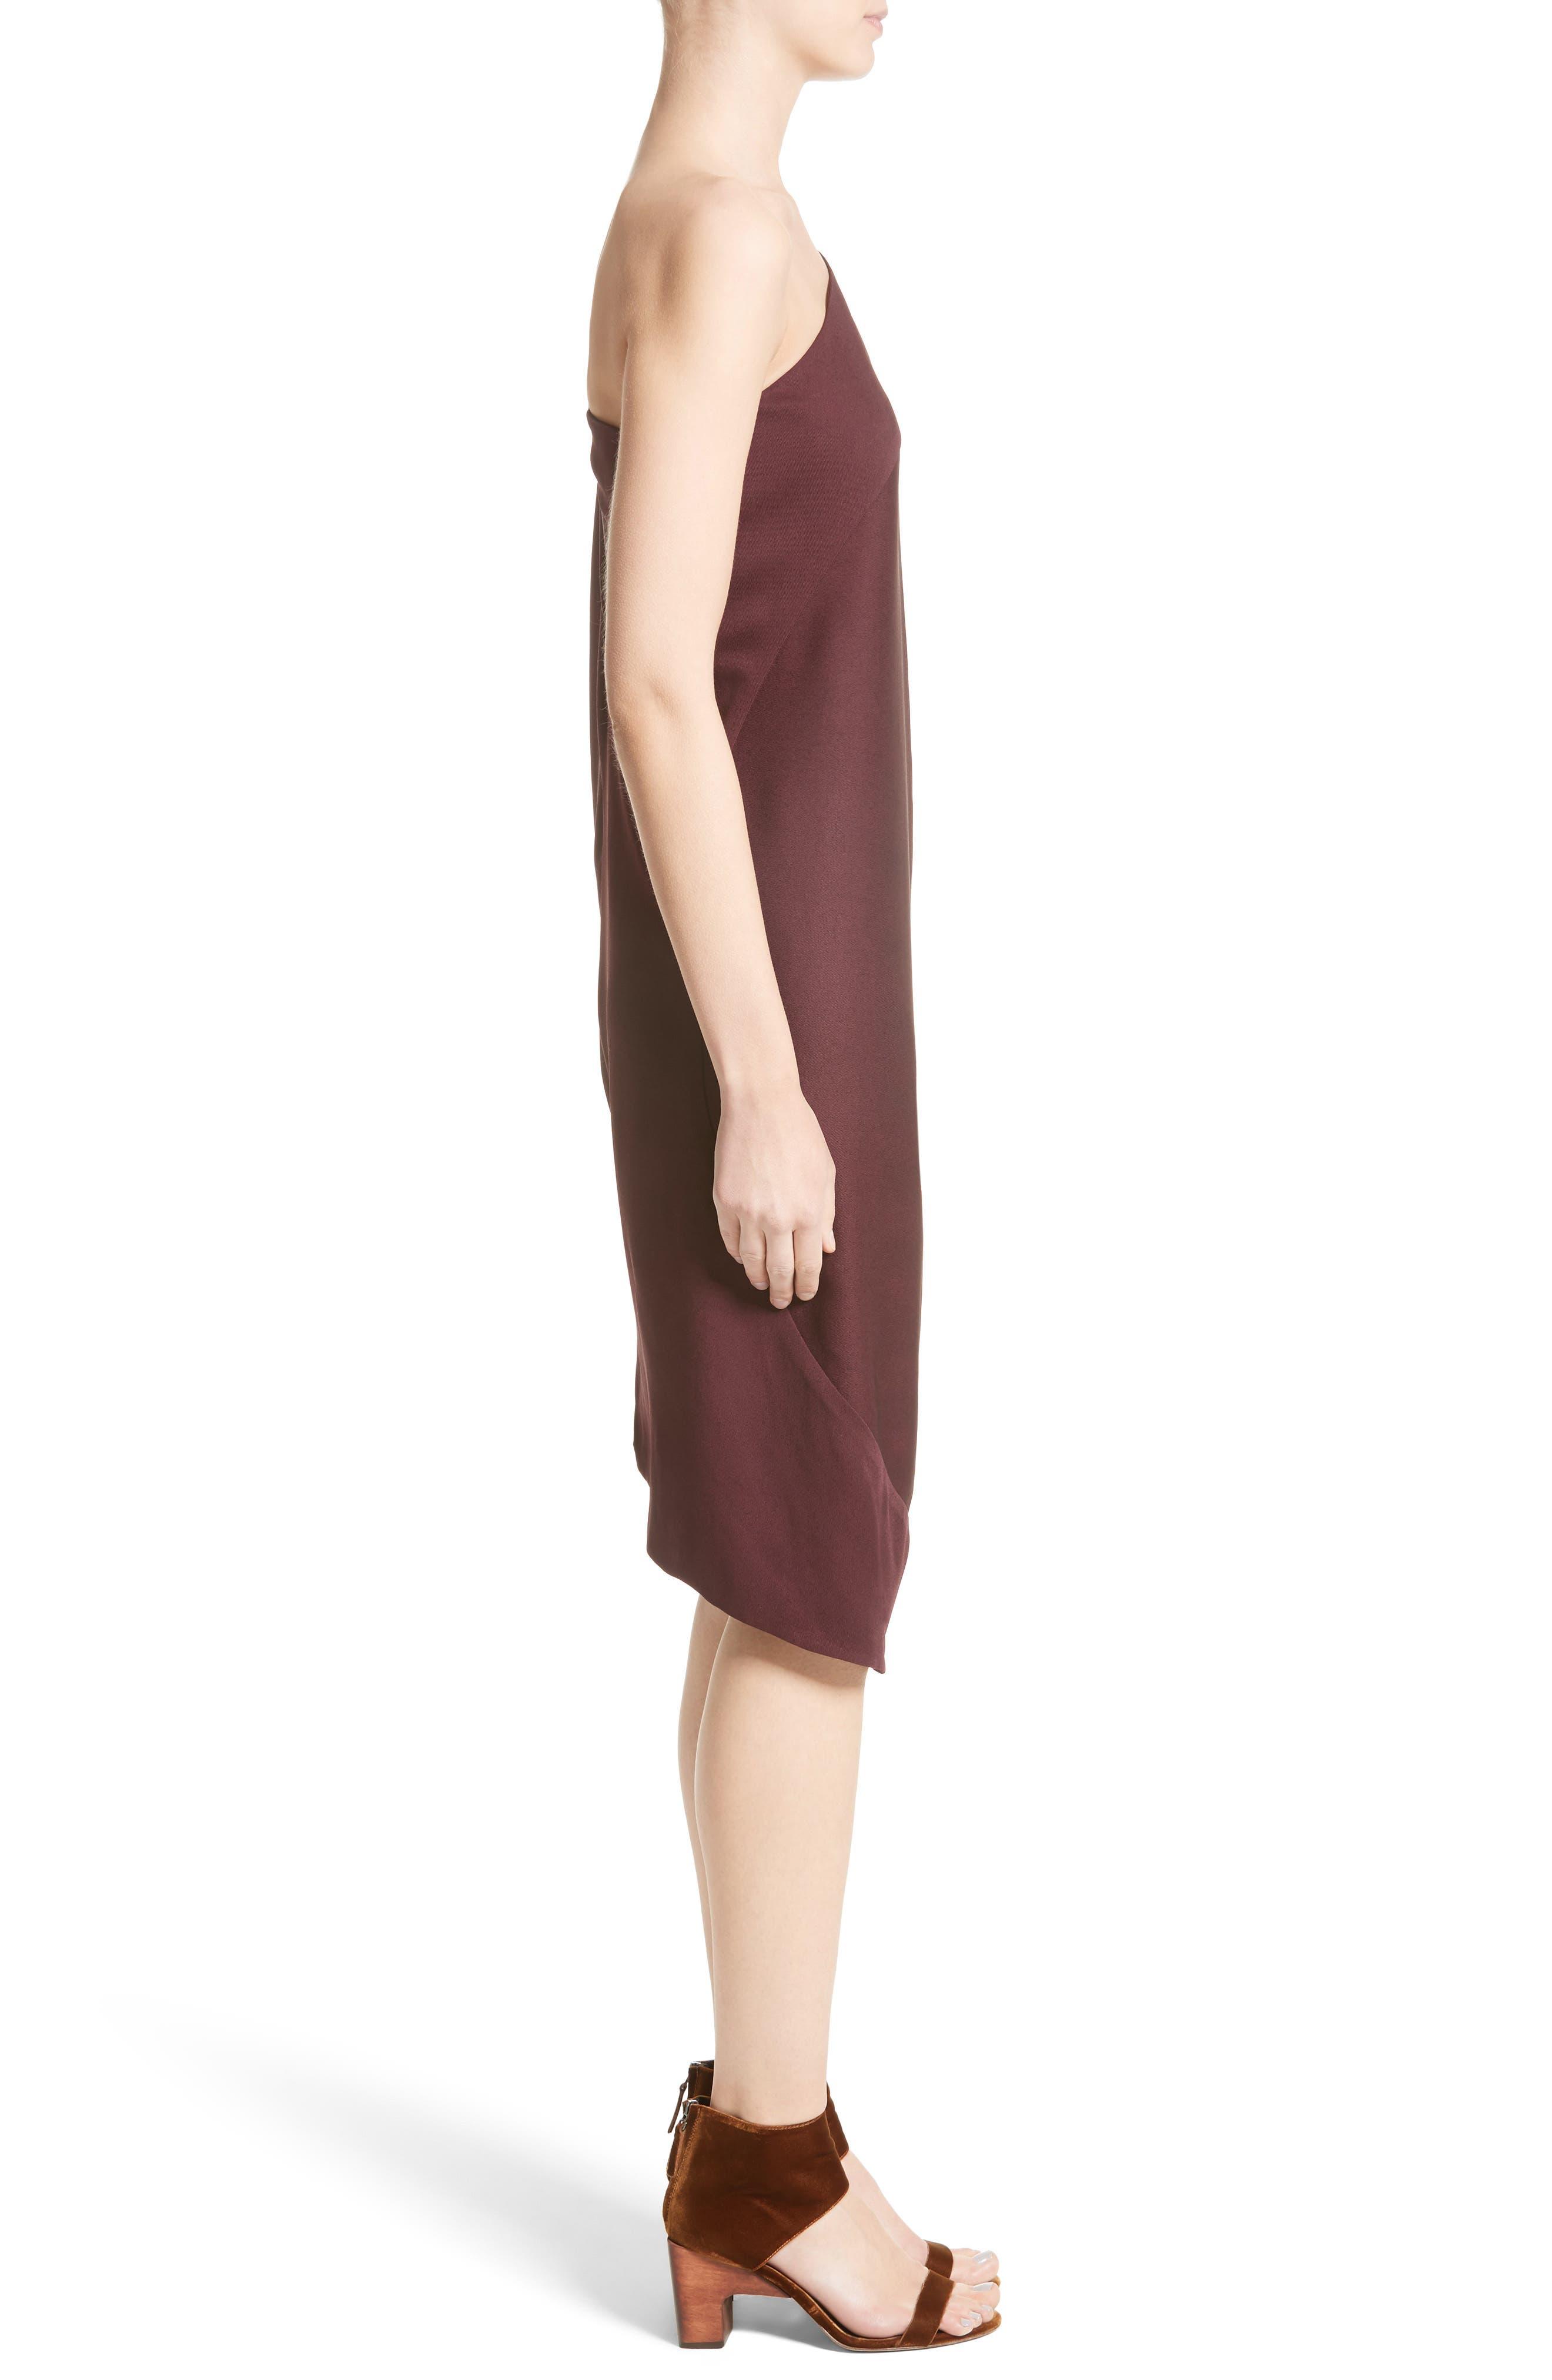 Lui Eco Drape One-Shoulder Dress,                             Alternate thumbnail 3, color,                             930